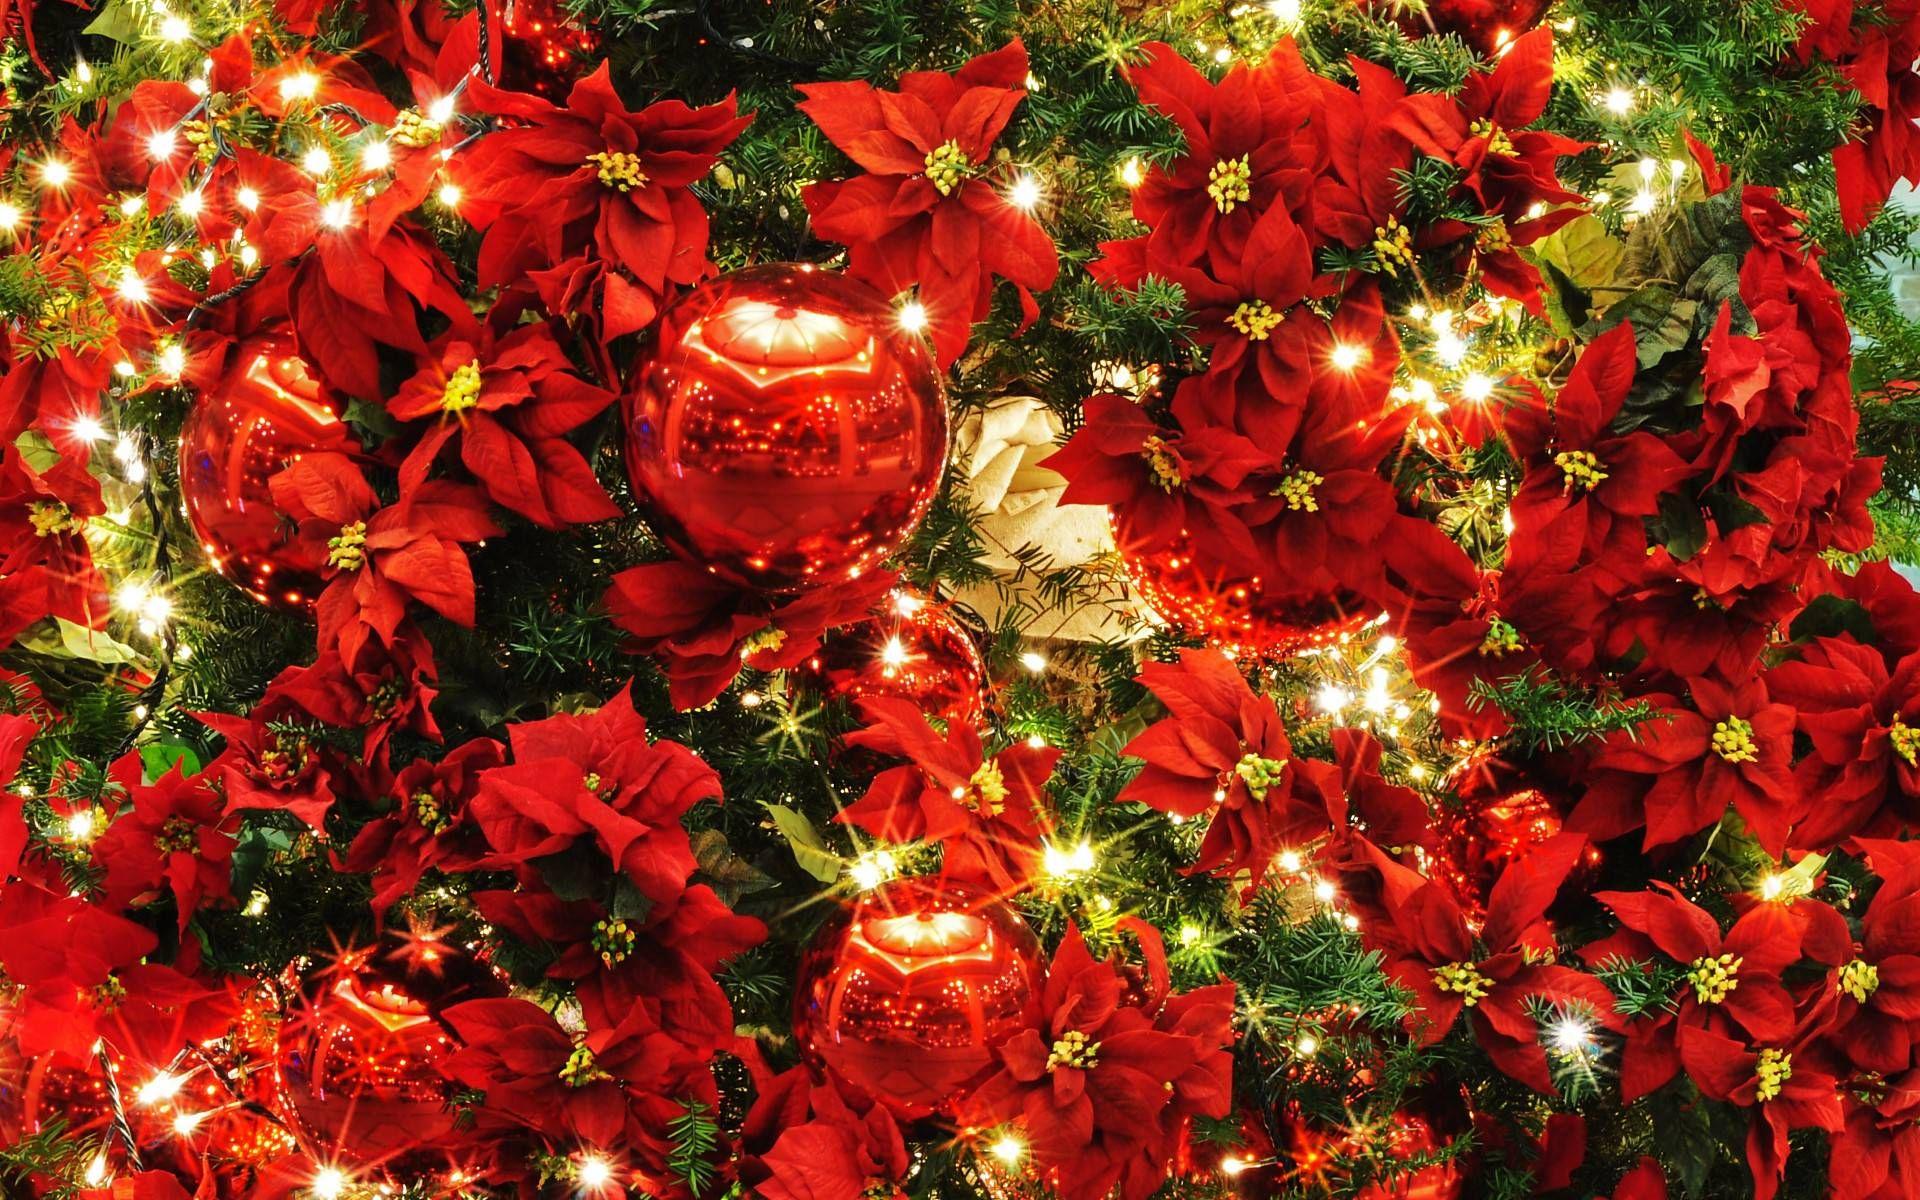 【50歳以上】 クリスマス 画像 壁紙 クリスマス壁紙, クリスマスの壁紙, ウォールステッカー クリスマス